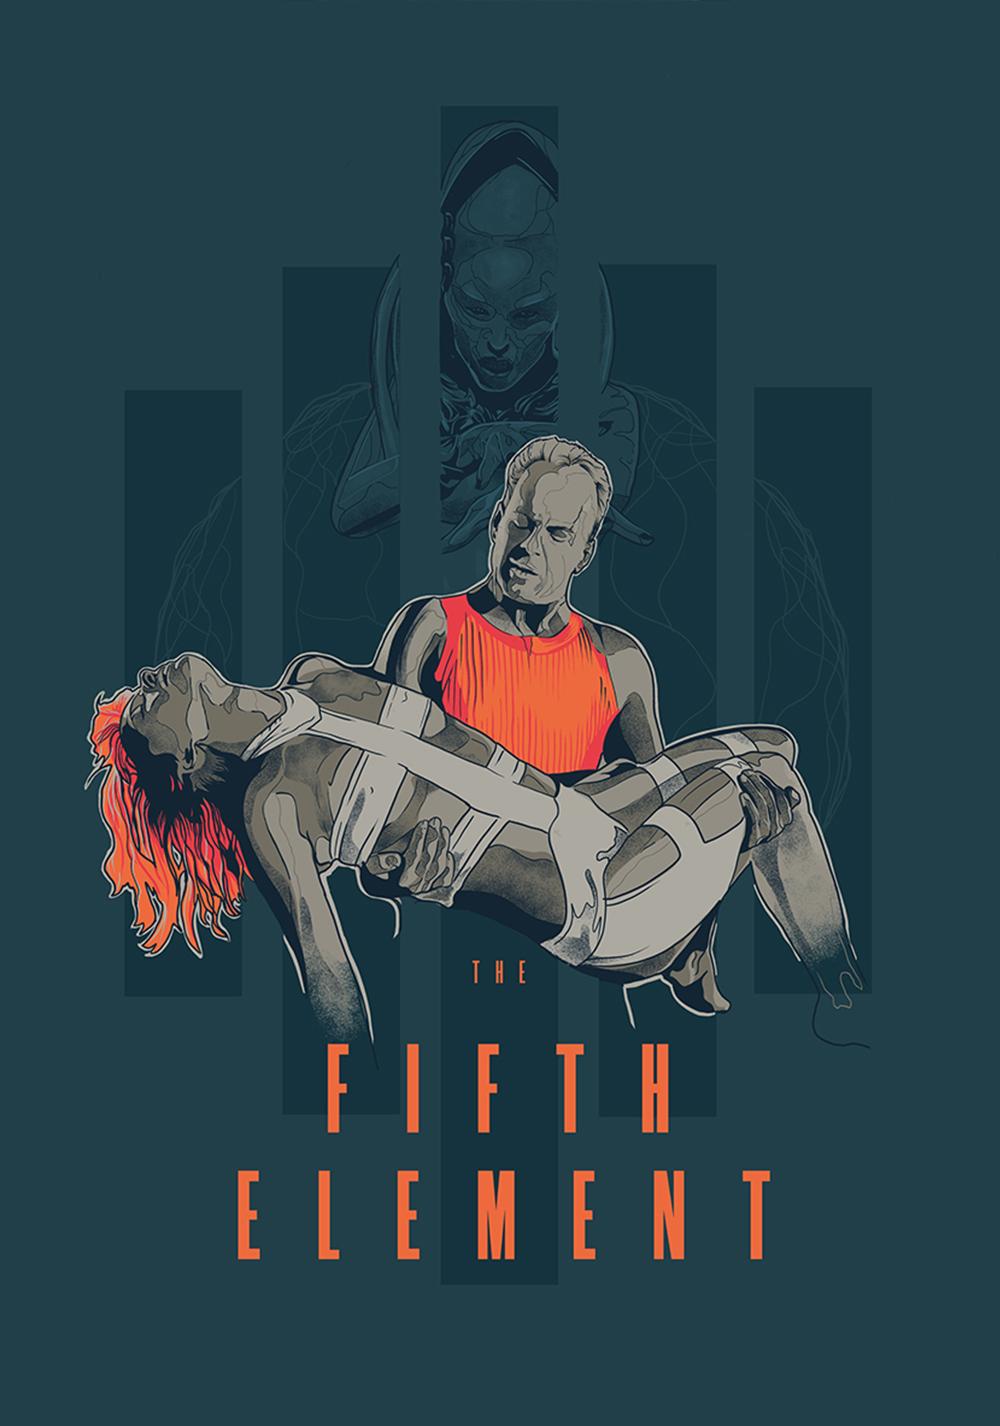 5. Element Film